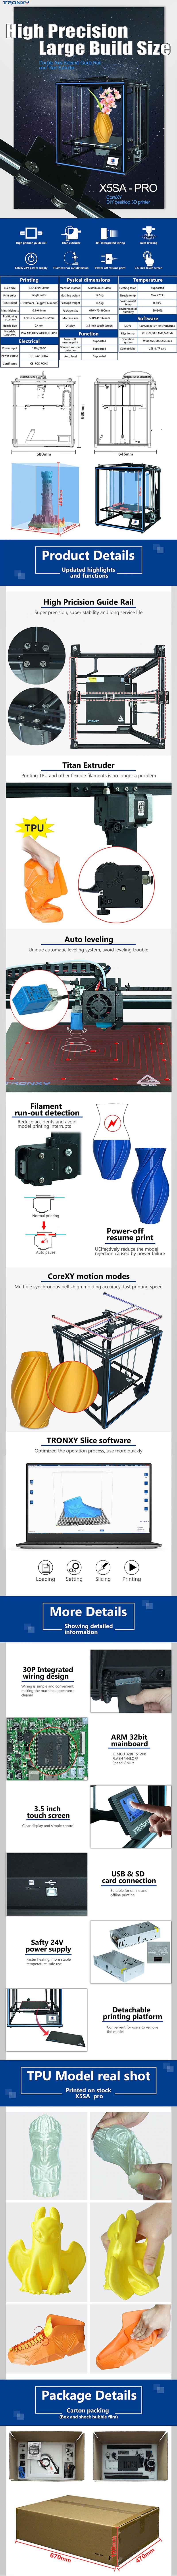 Tronxy X5SA | X5SA PRO | X5SA 400 | X5SA 400 PRO | X5SA 500 PRO Corexy 3D Printer